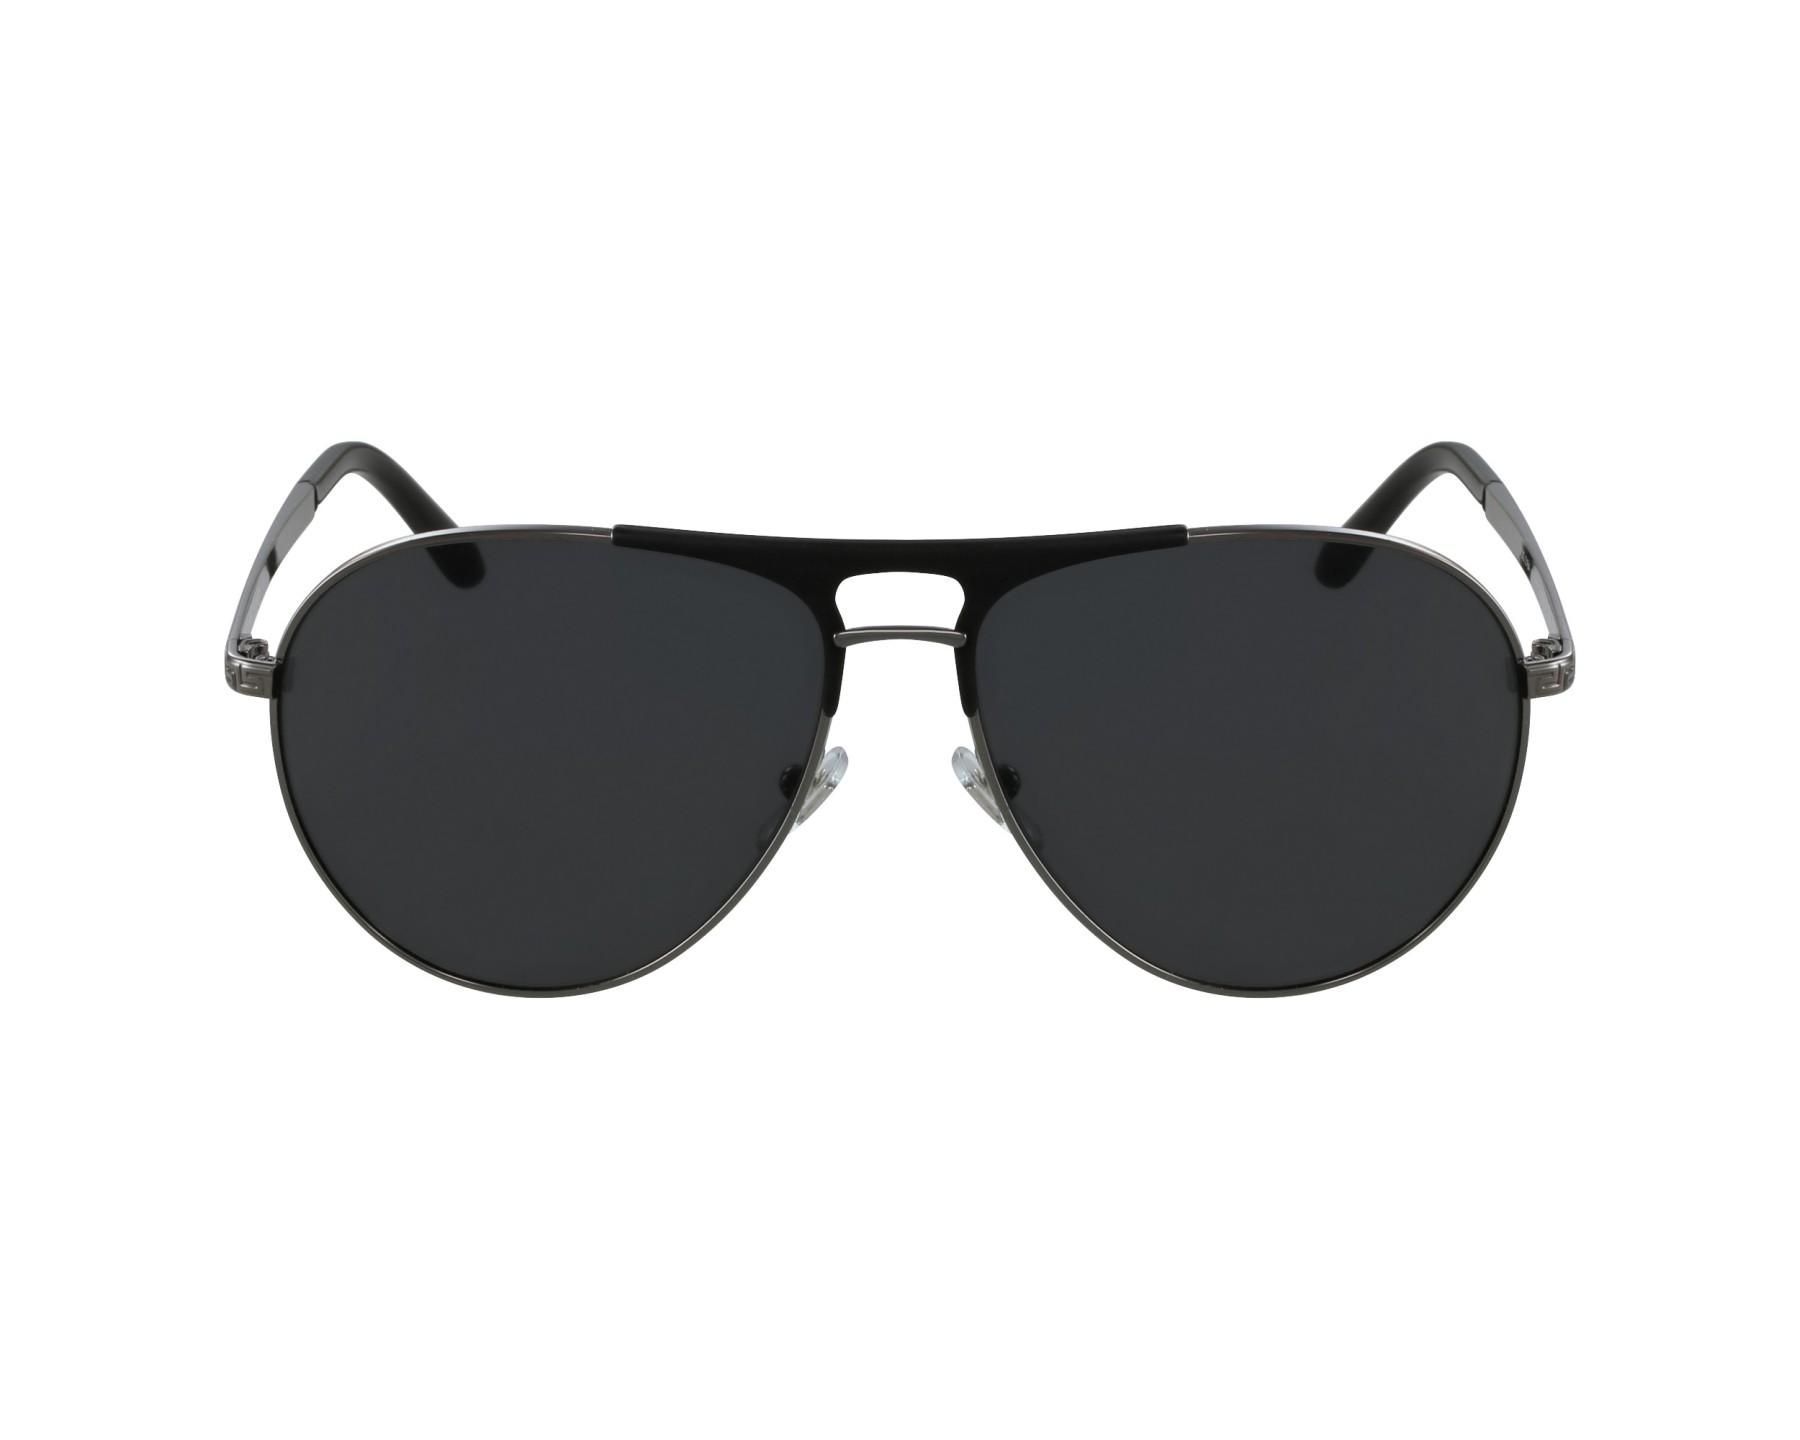 b951e8fc7577 Lunettes de soleil Versace VE-2164 1001 87 - Gunmetal Noir vue de profil